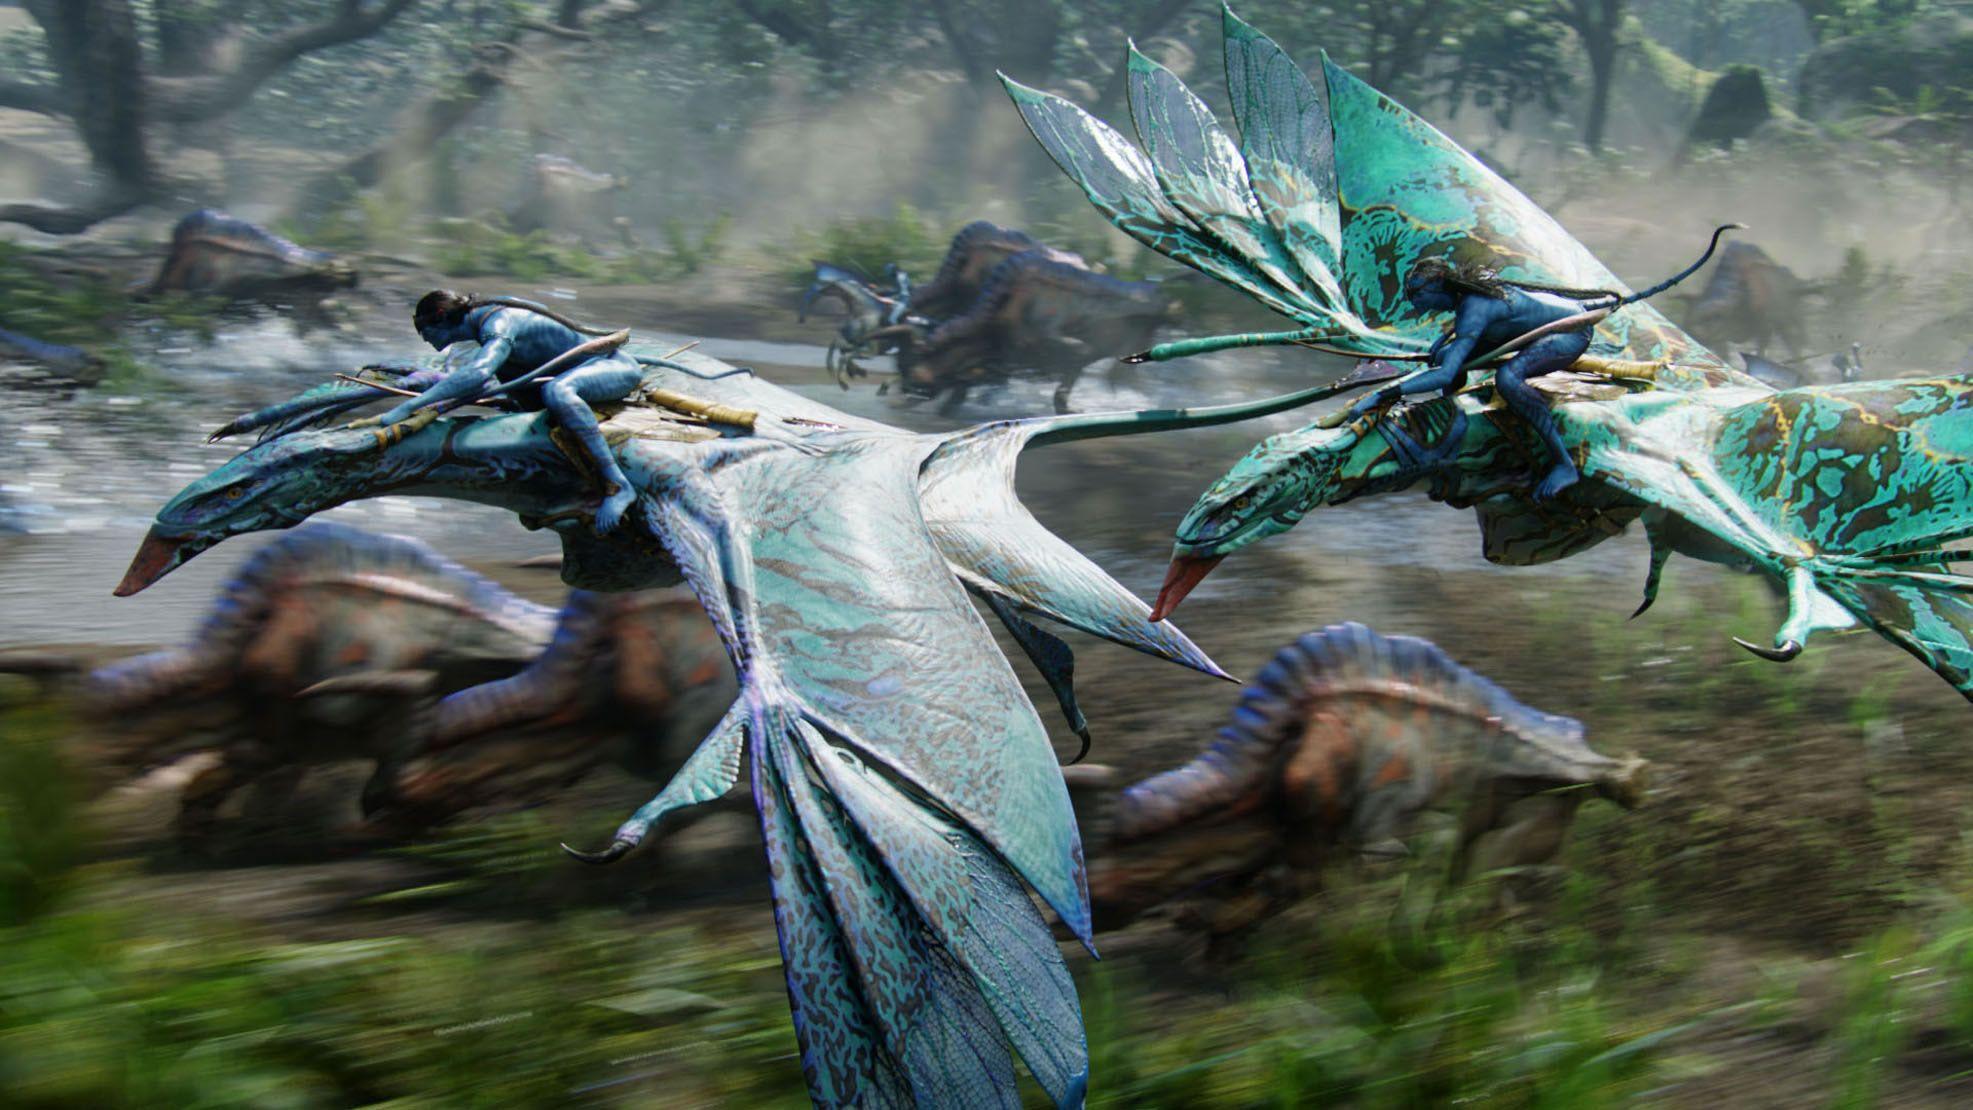 драконы из аватара картинки здесь